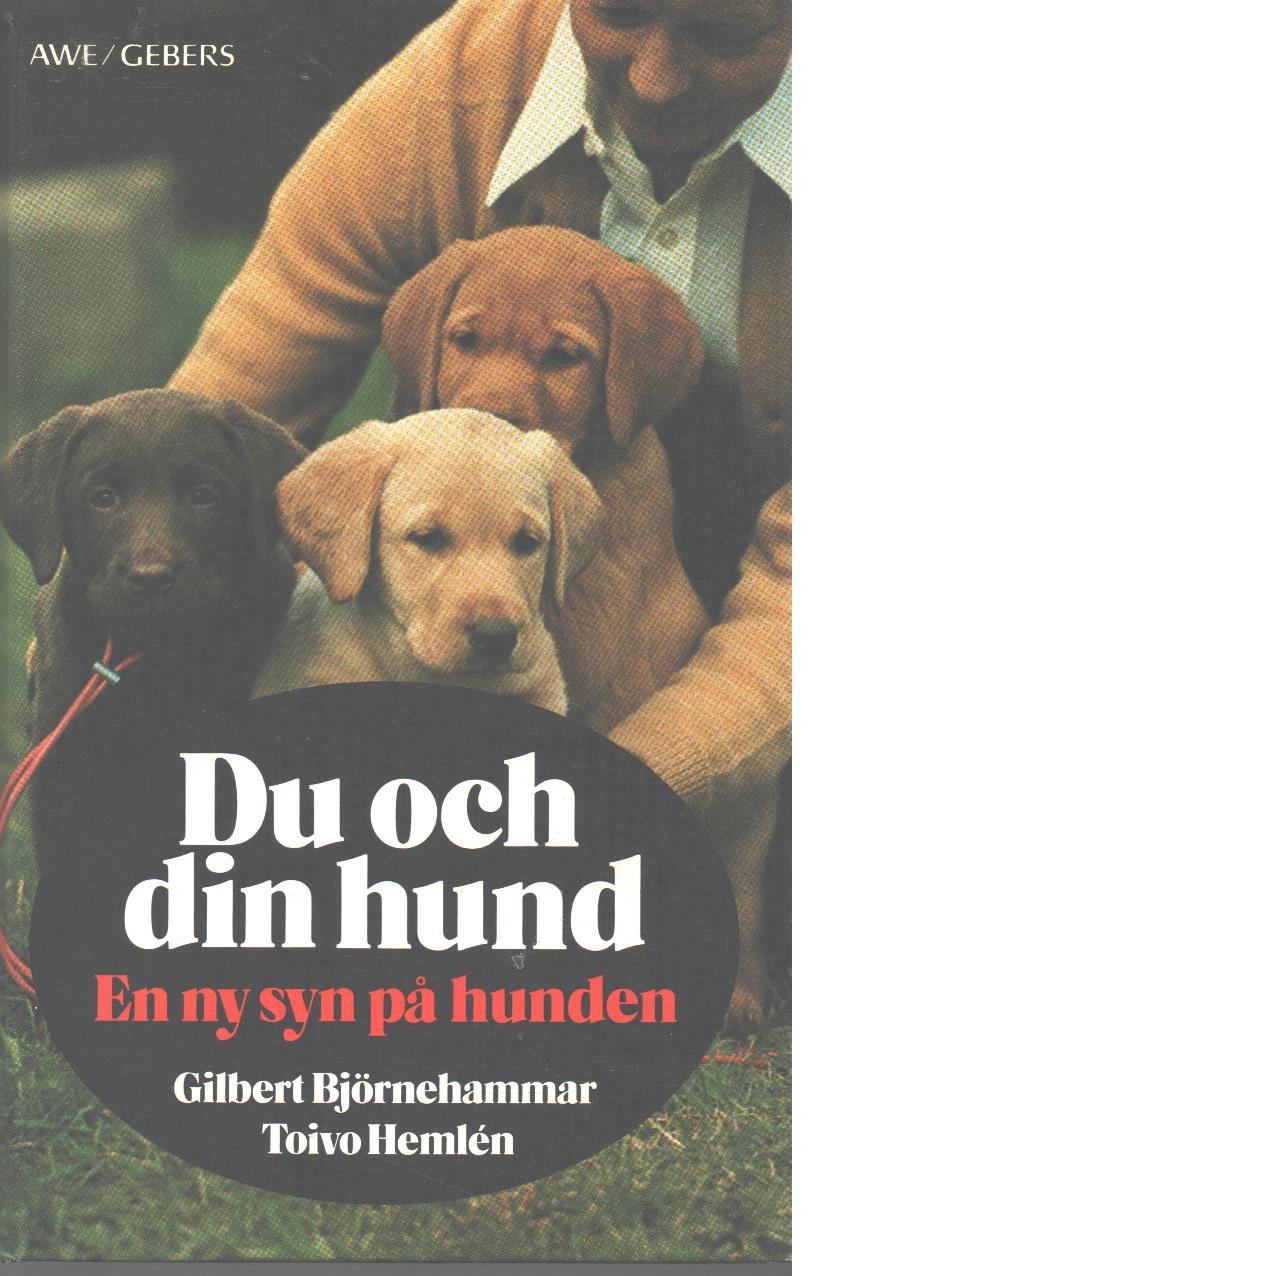 Du och din hund : en ny syn på hunden - Björnehammar, Gilbert och Hemlén, Toivo